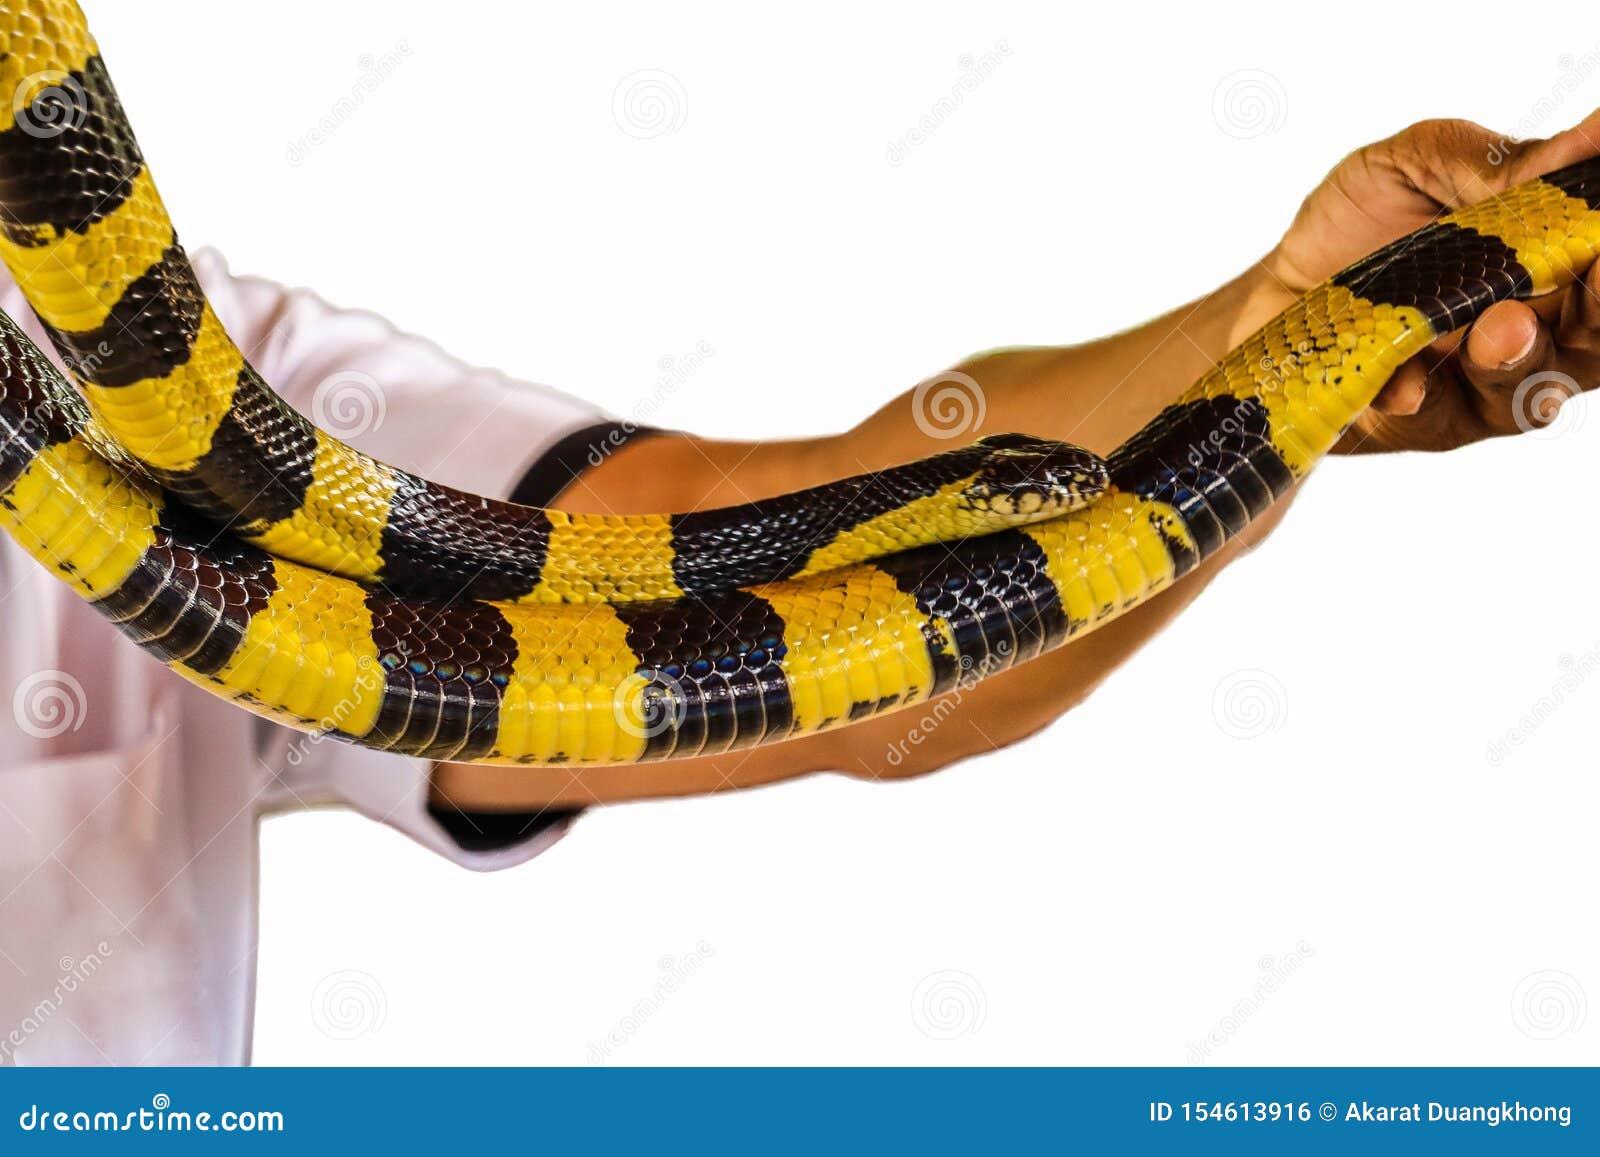 Banded Krait snake isolated